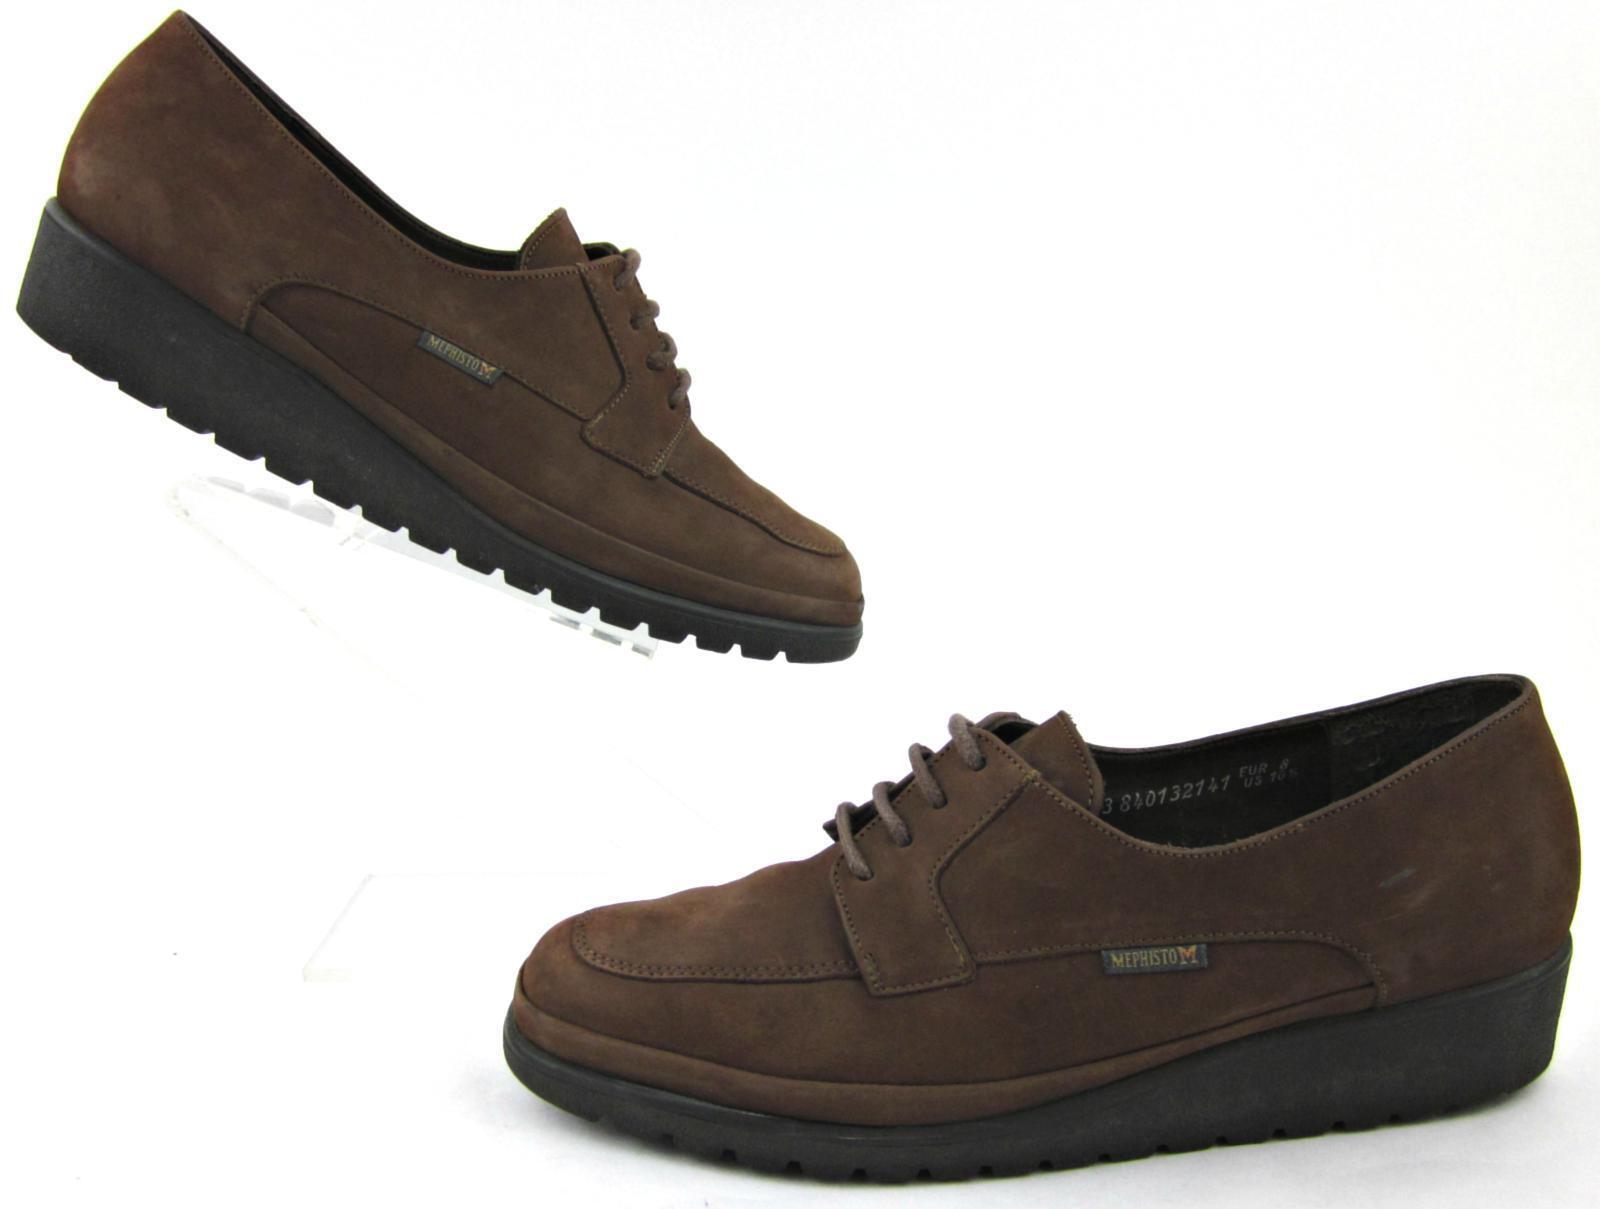 Mephisto mujeres mujeres mujeres Moc Toe Zapatos Con Cordones De Cuero Marrón Nobuck US 10.5  a precios asequibles